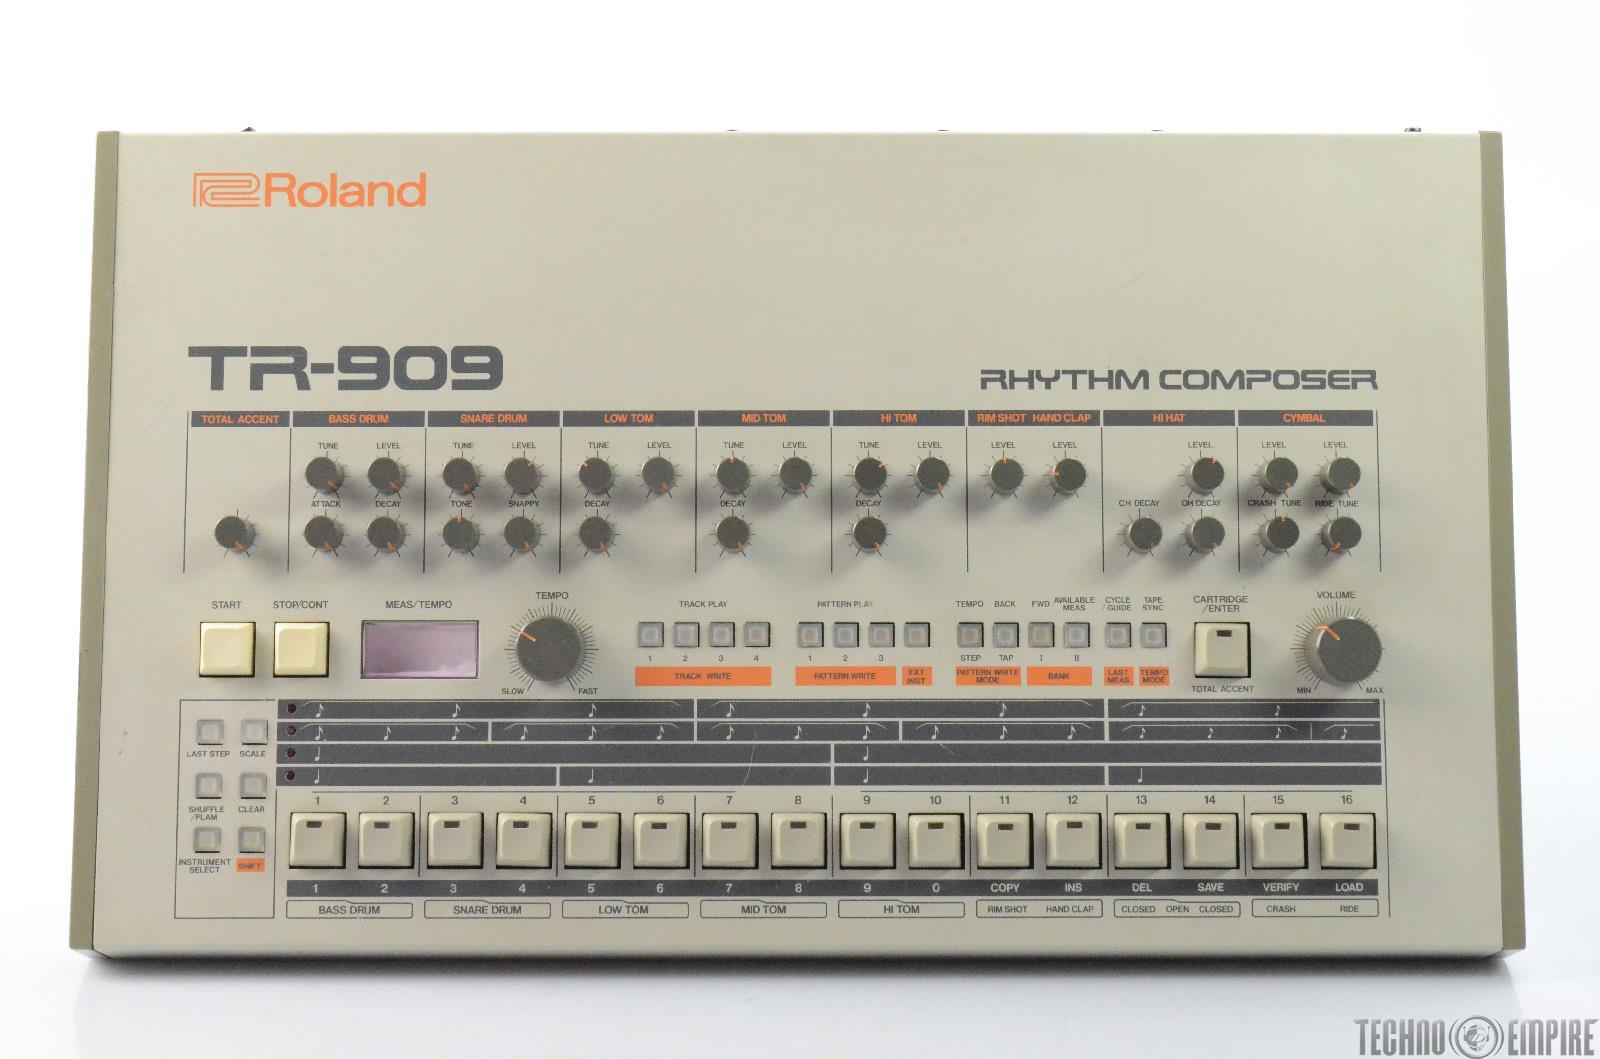 Roland TR-909 Analog Drum Machine Blue Lights Forat Refurb #28449